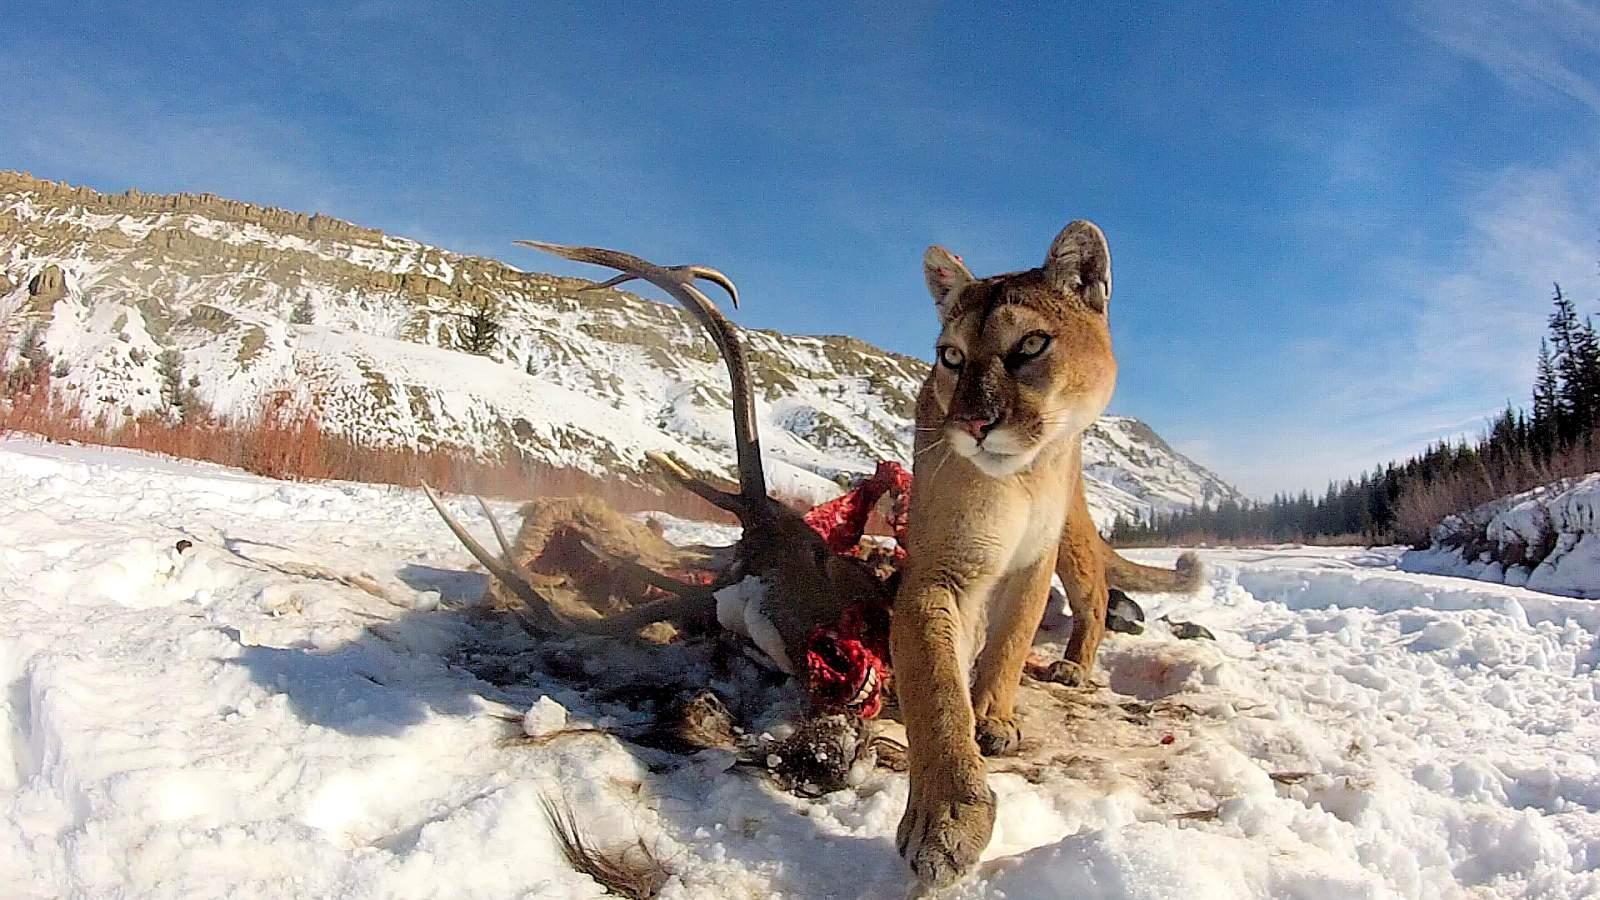 Ein weiblicher Puma am Fressplatz mit seiner Lieblingsbeute, einem Hirsch. Foto Mark Elbroch / Panthera